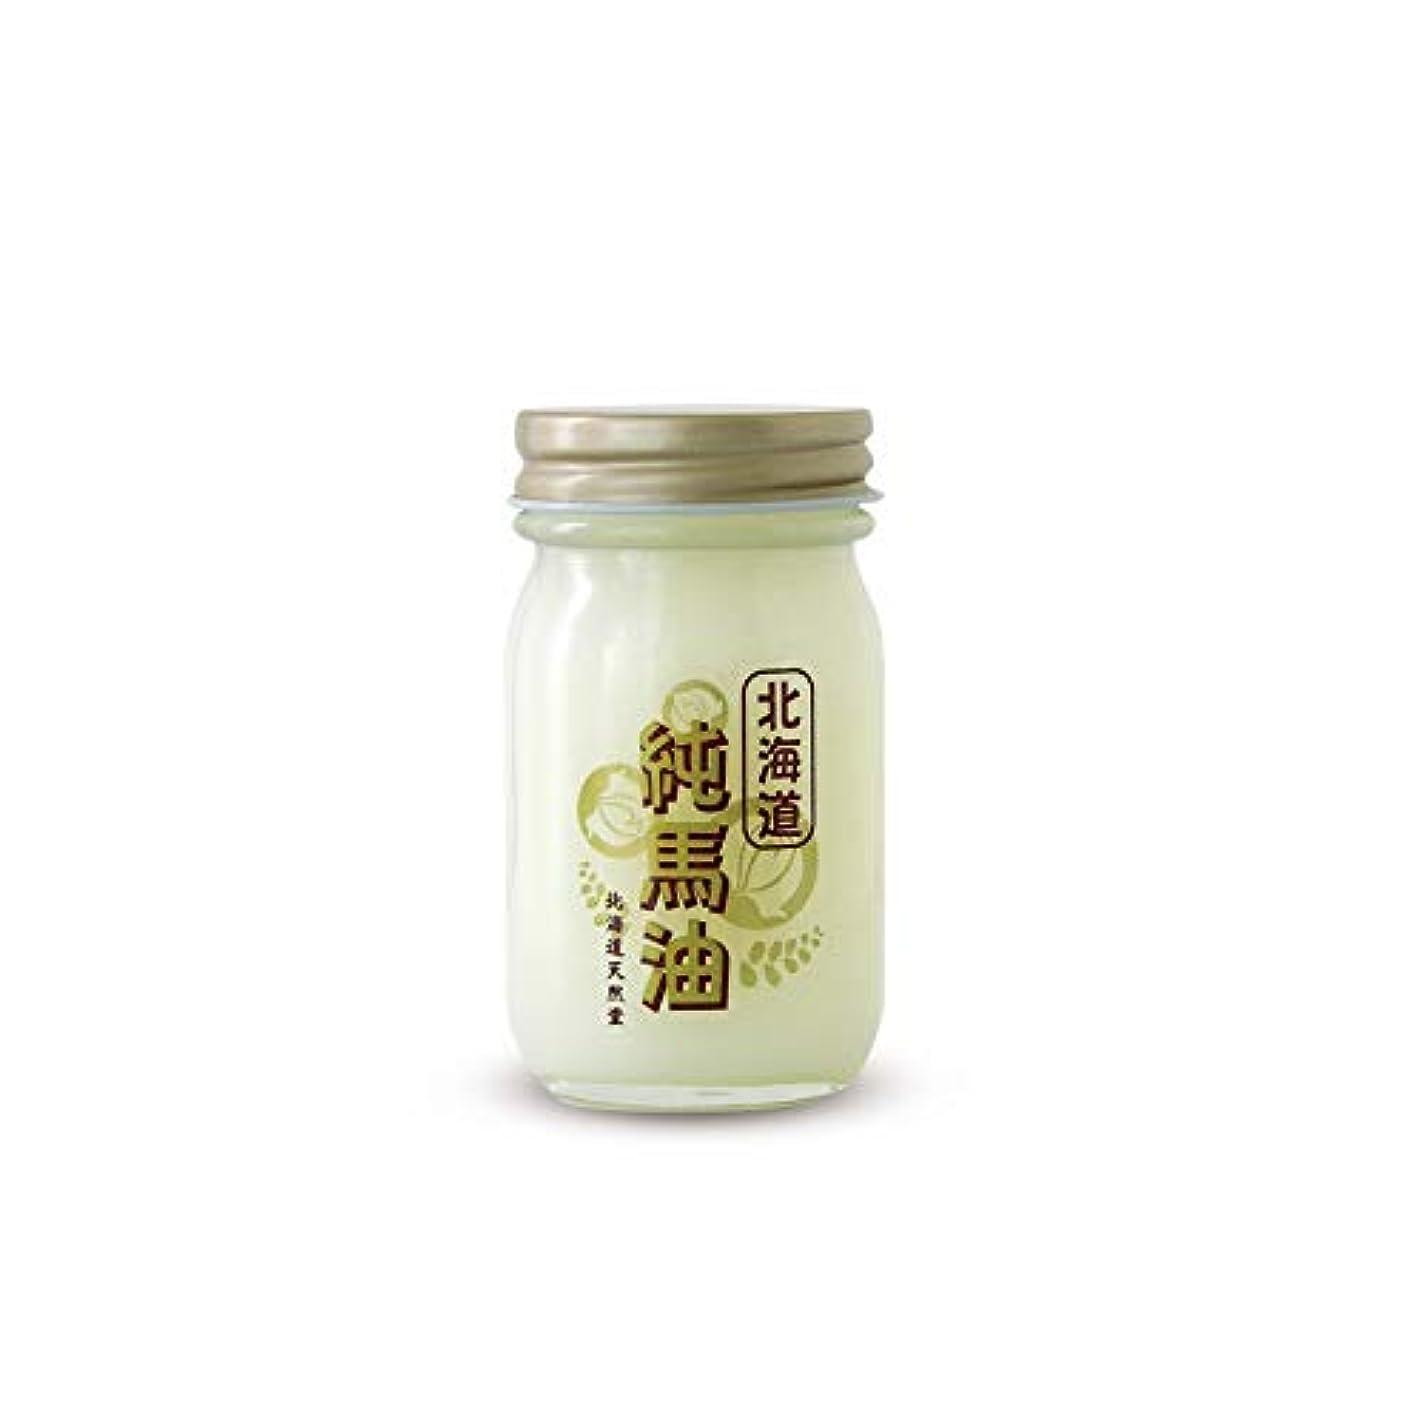 化粧家主純馬油 70ml 【国内限定】/ 北海道天然堂